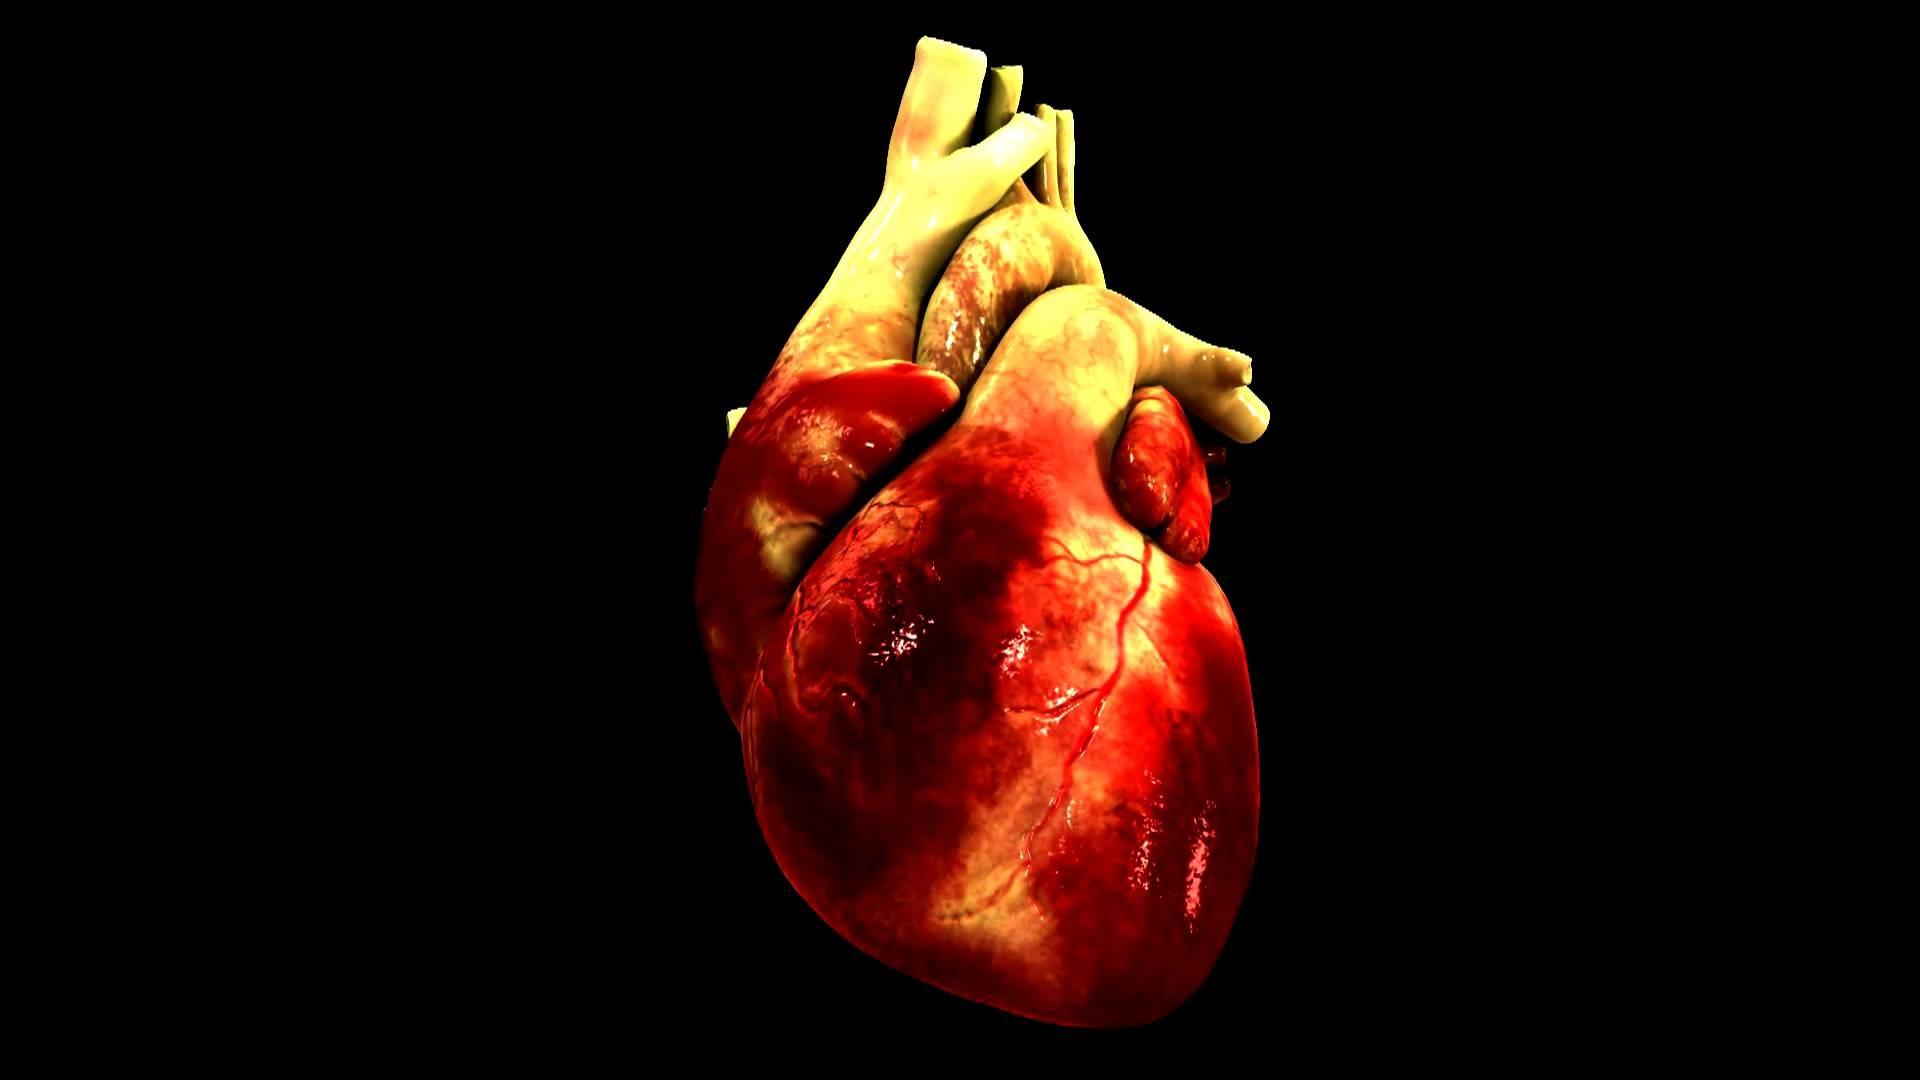 23 Human Heart Wallpaper Hd Data-src ...